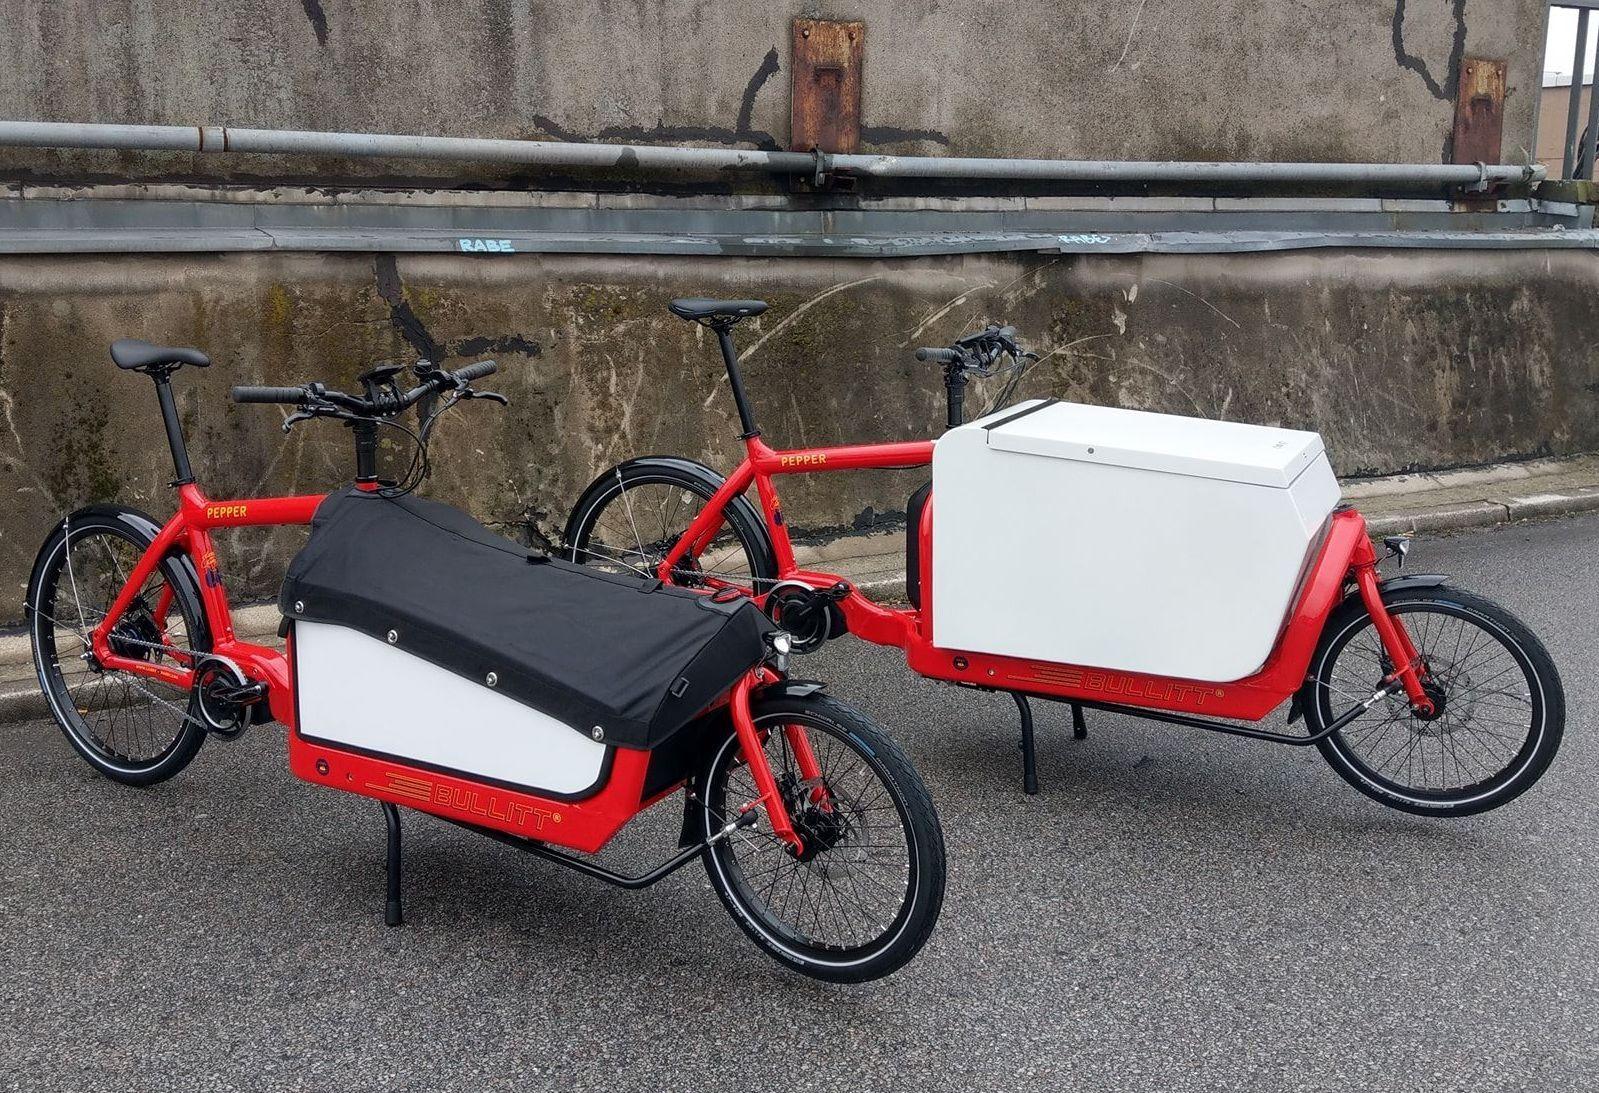 Pin Von Ichlebeim Wirrwarr Auf Lastenfahrrader Cargobikes Fahrrad Kopenhagen Danemark